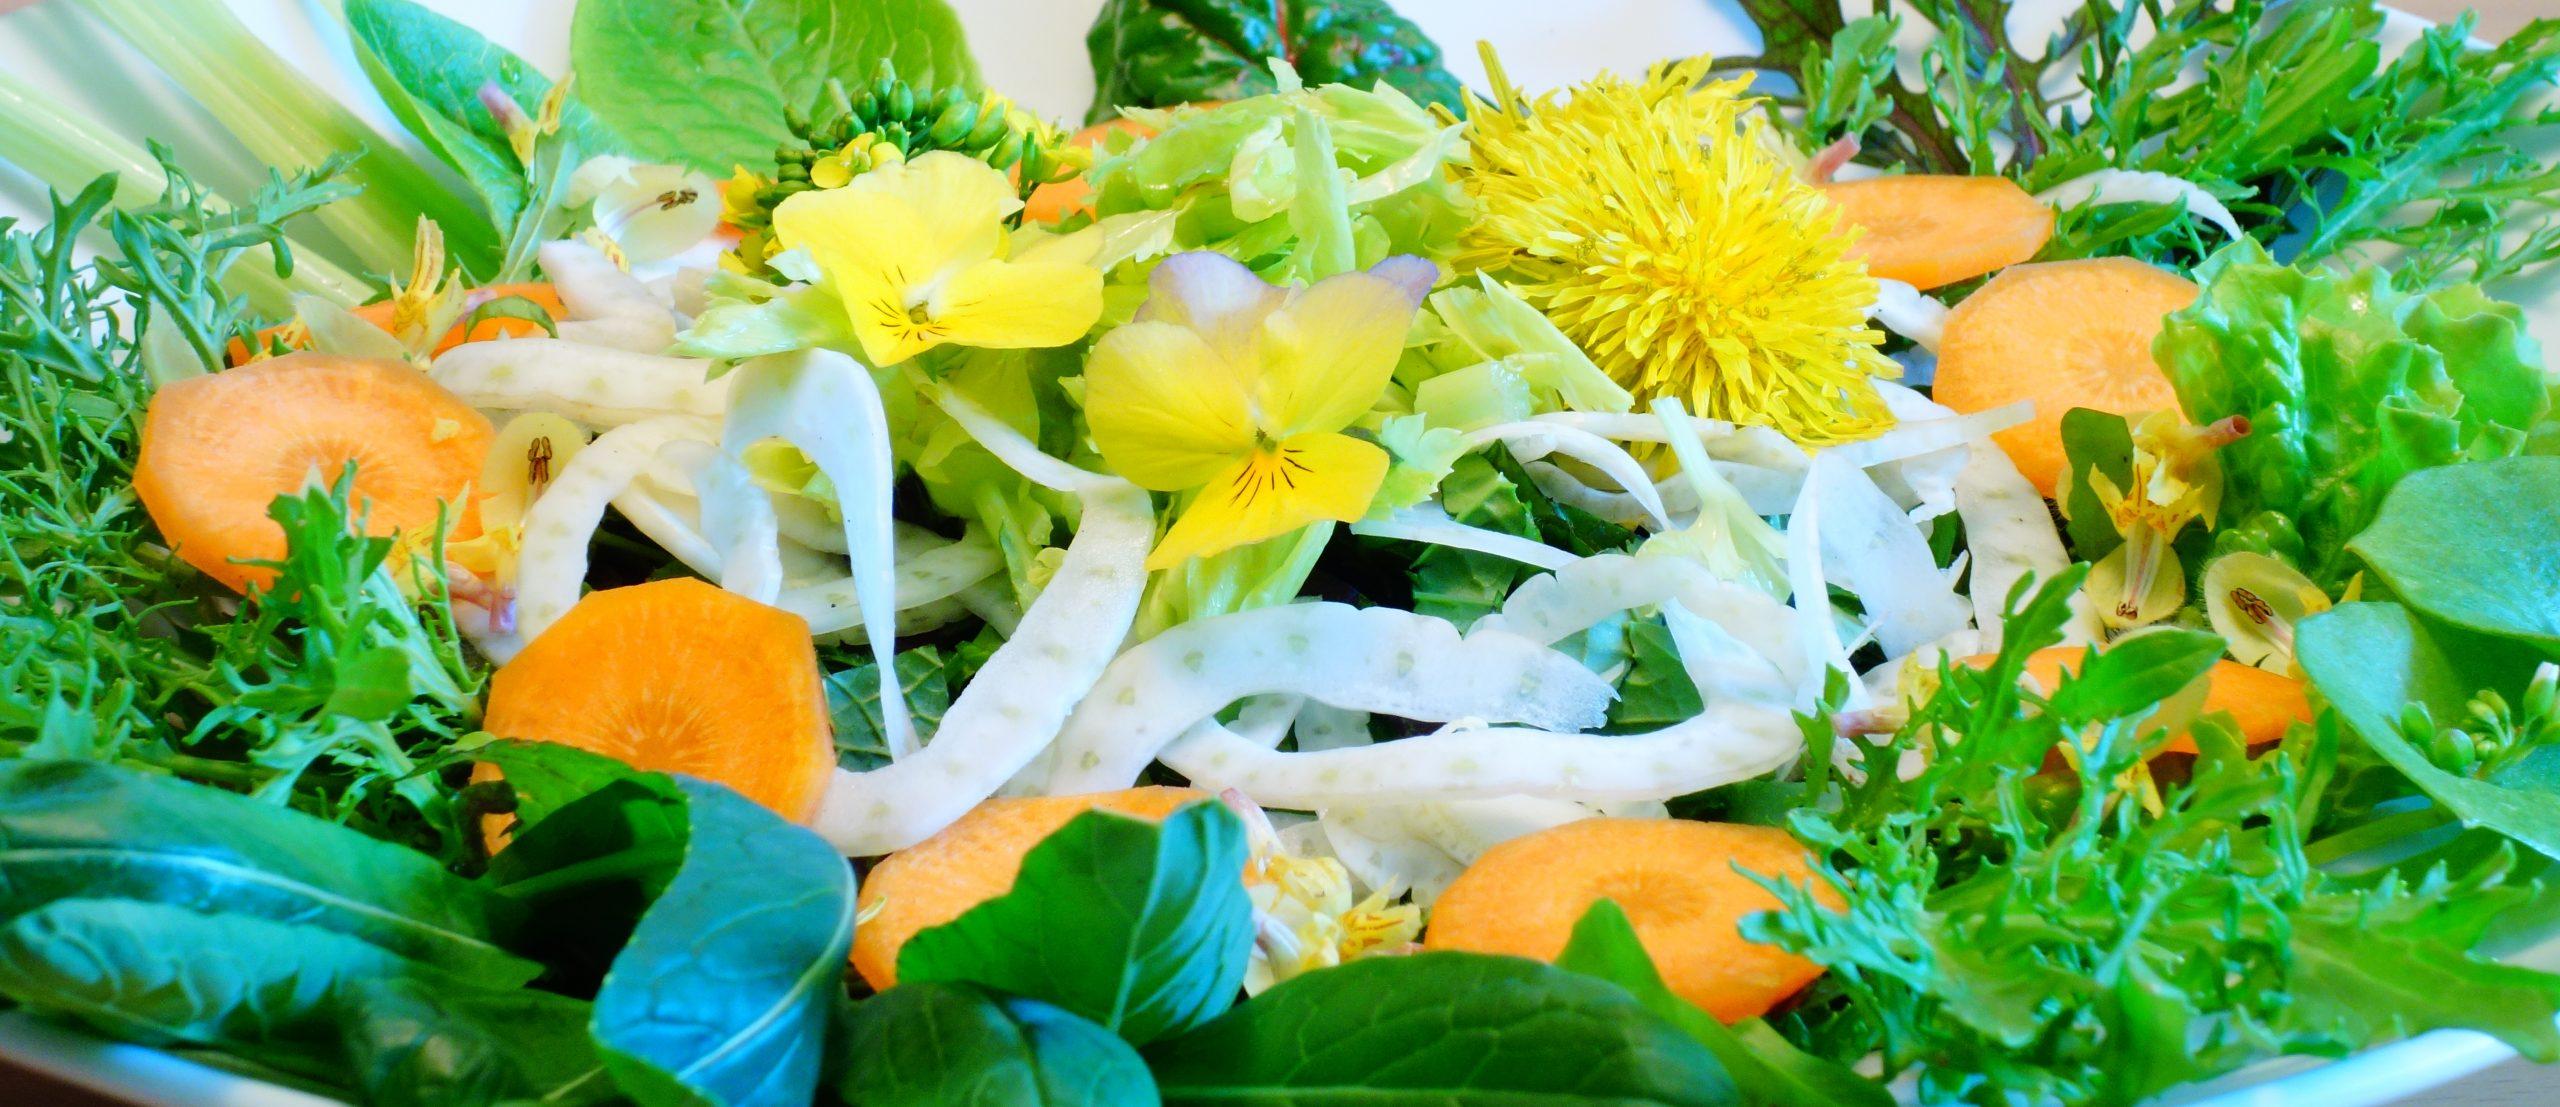 Salat gemischt mit Blüten